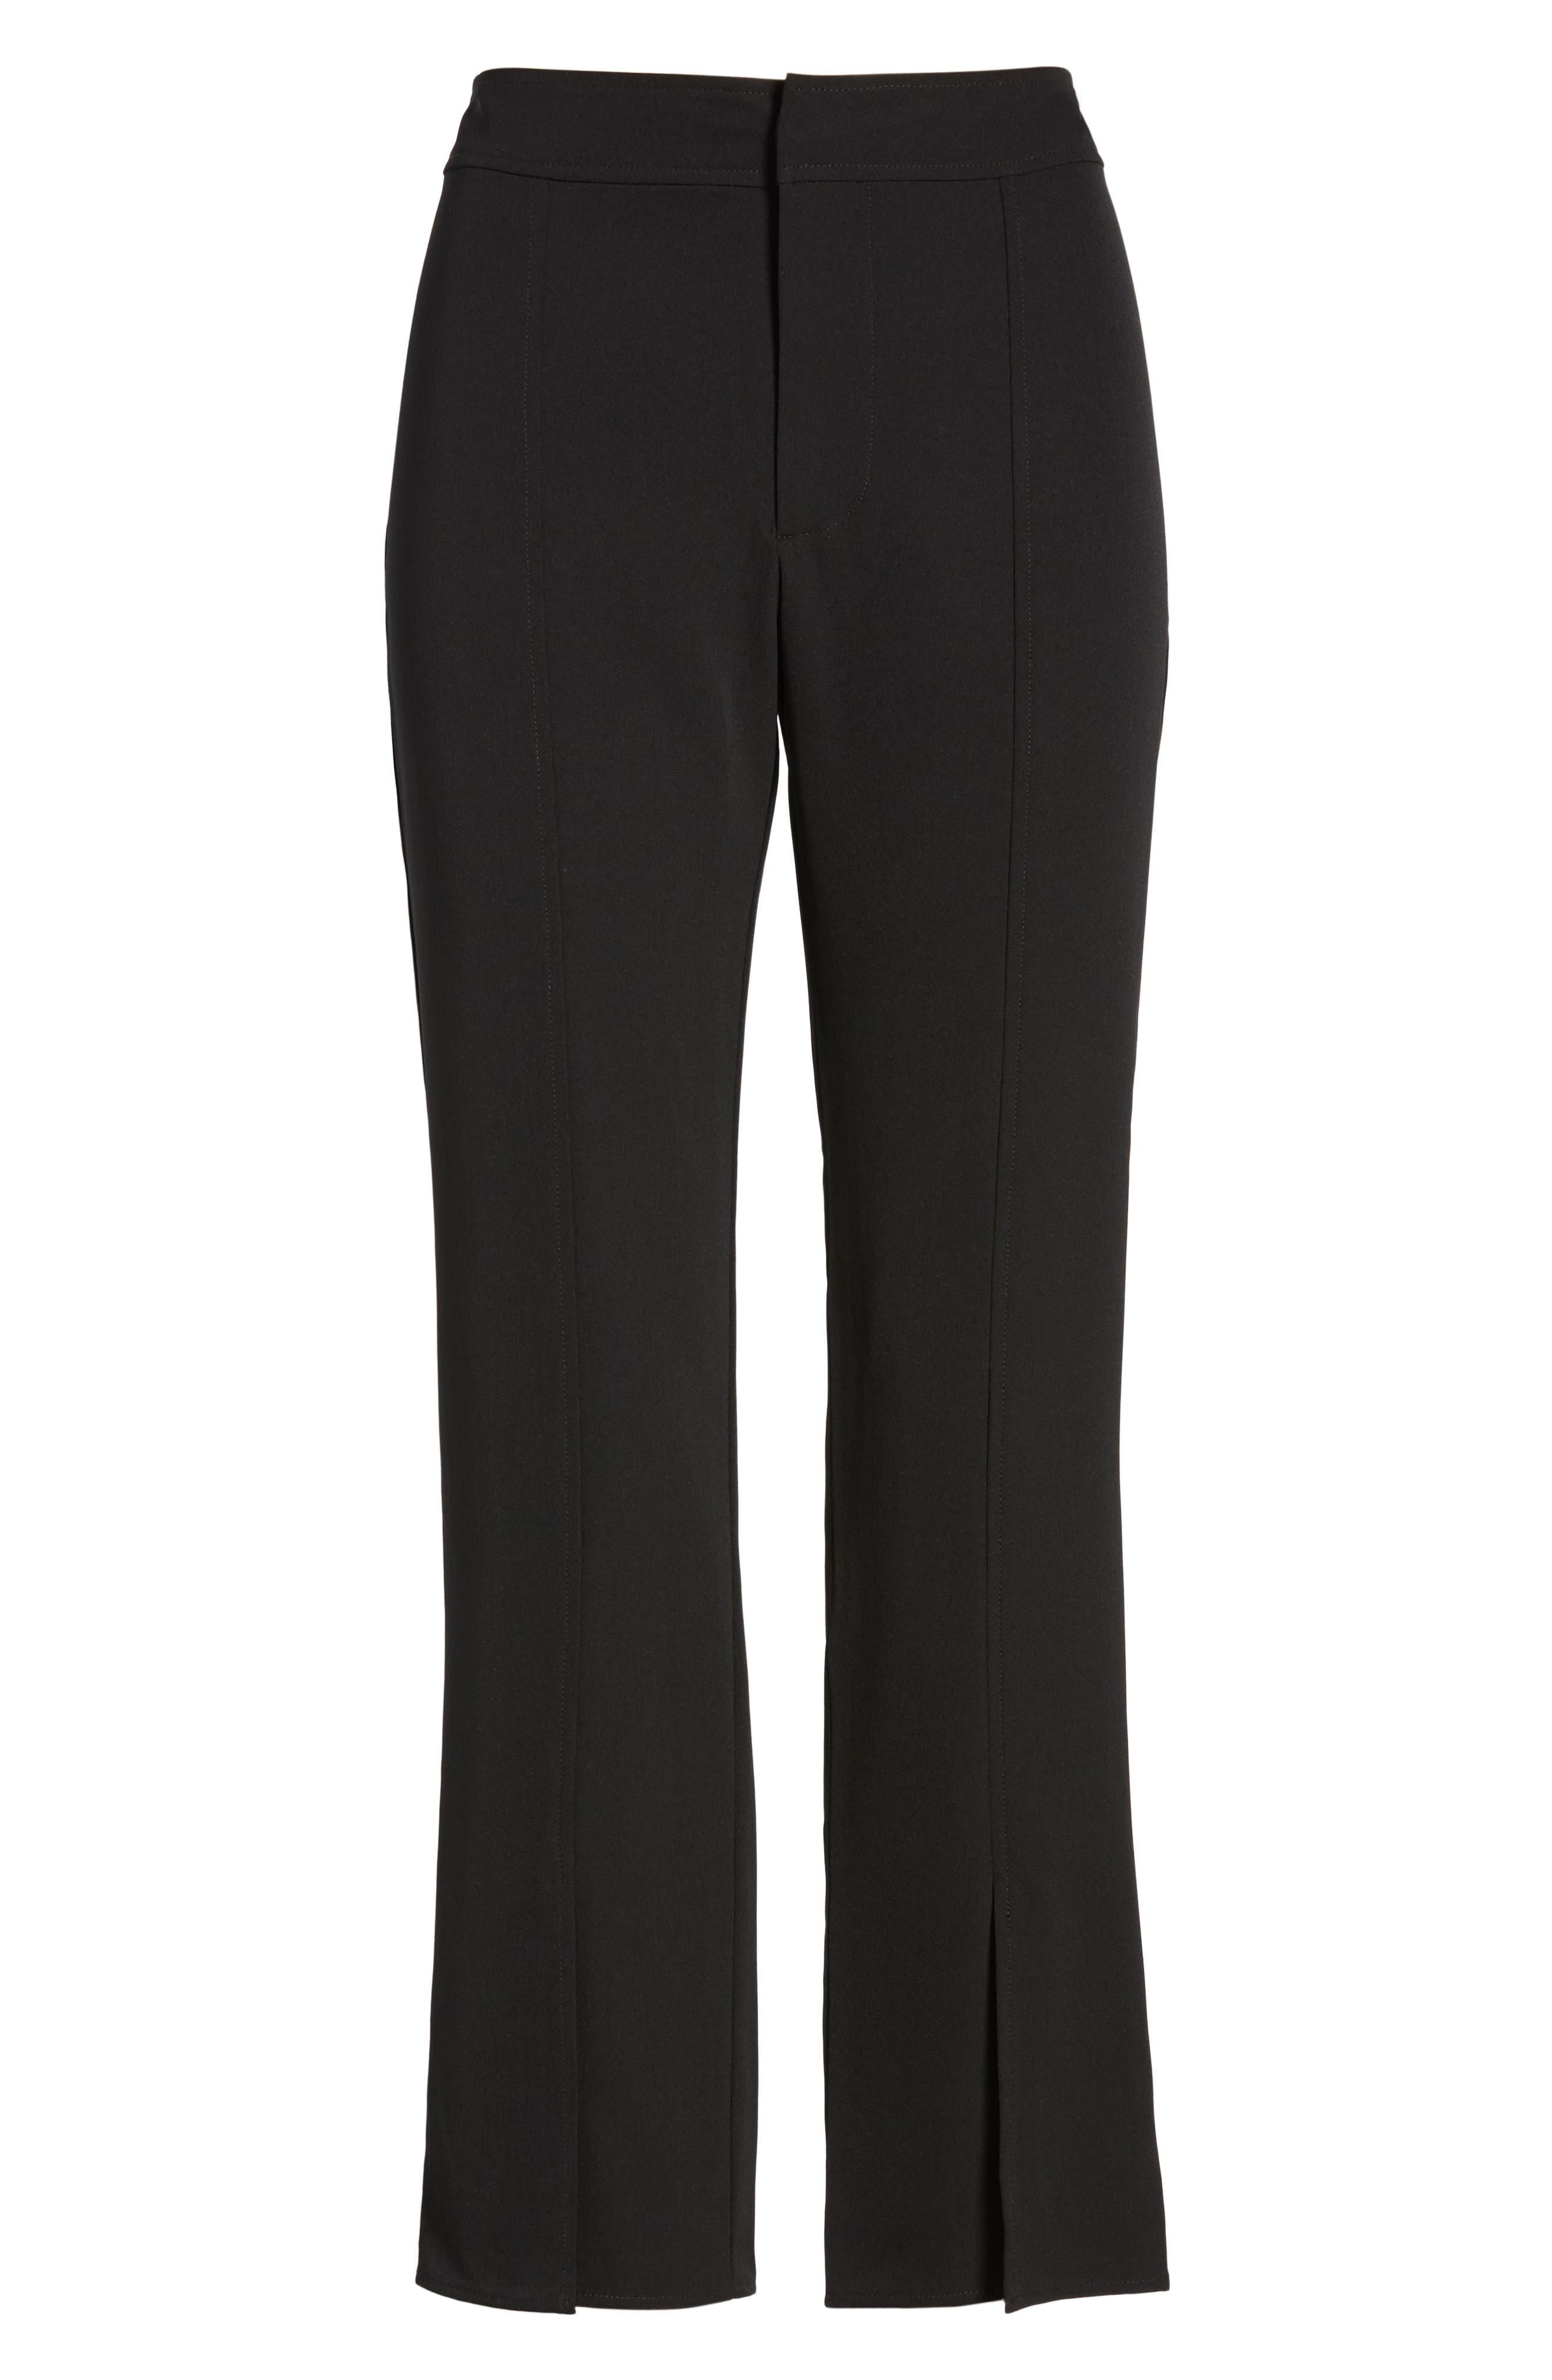 Skinny Slit Hem Pants,                             Alternate thumbnail 7, color,                             BLACK